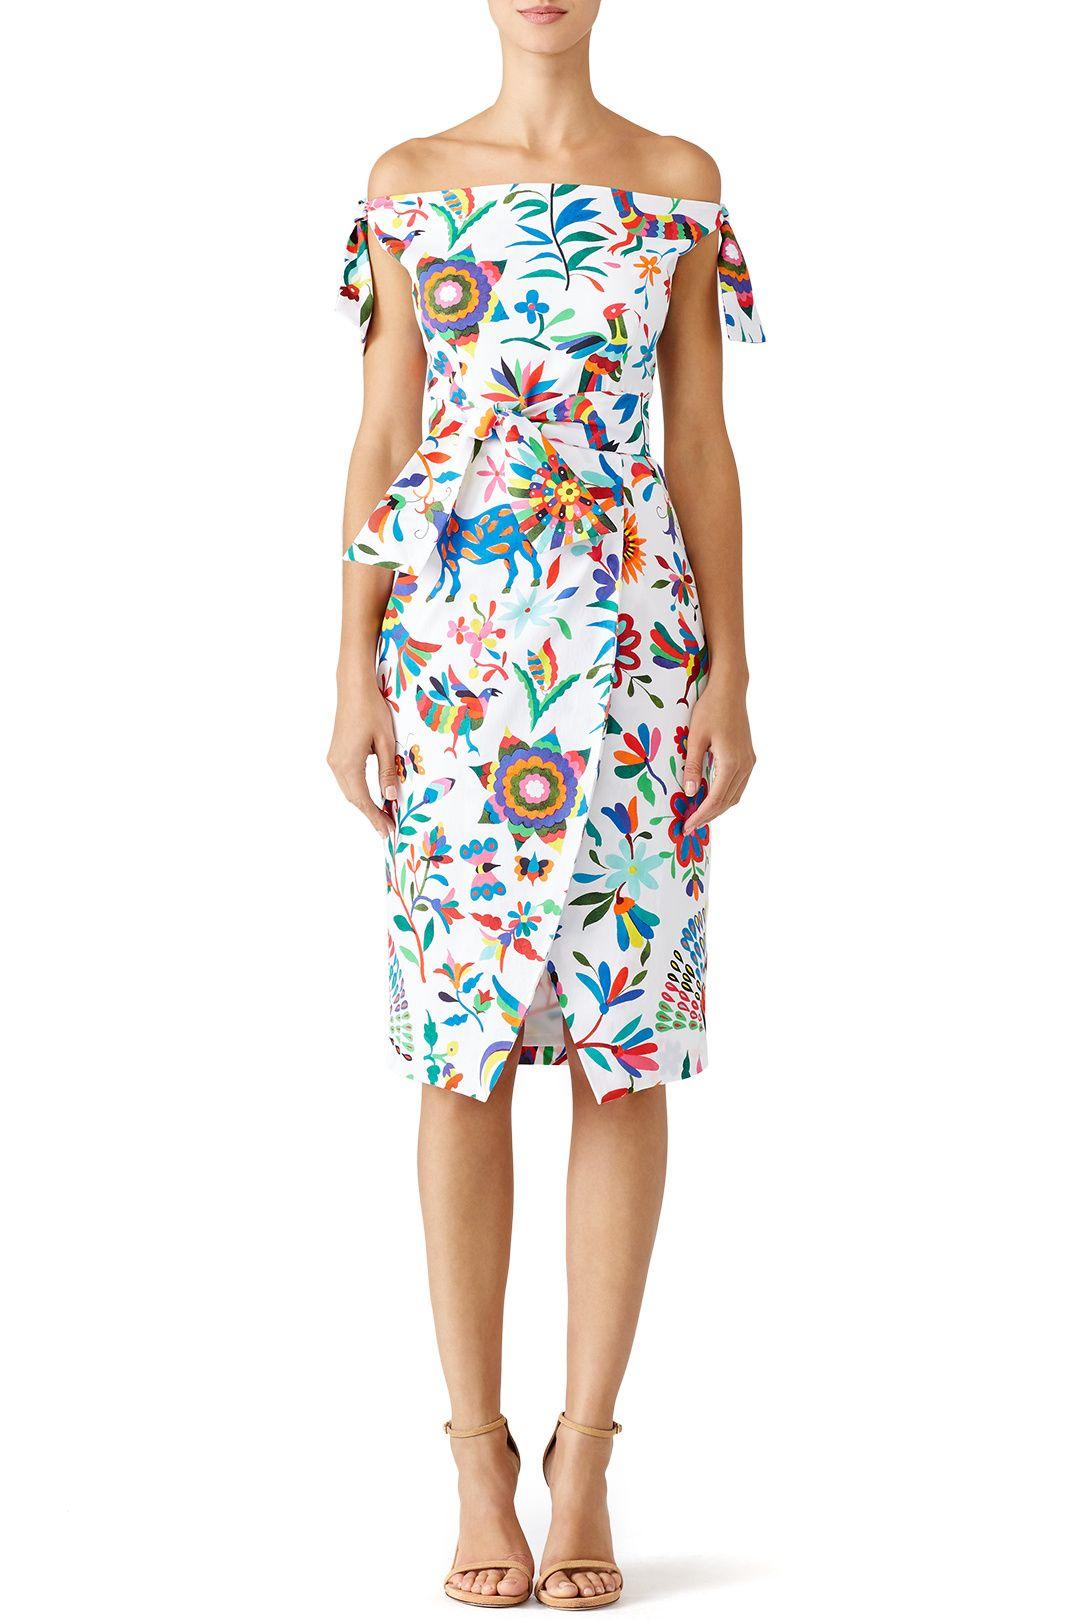 rent printed ellen dressmilly for $70 - $85 only at r… | dresses